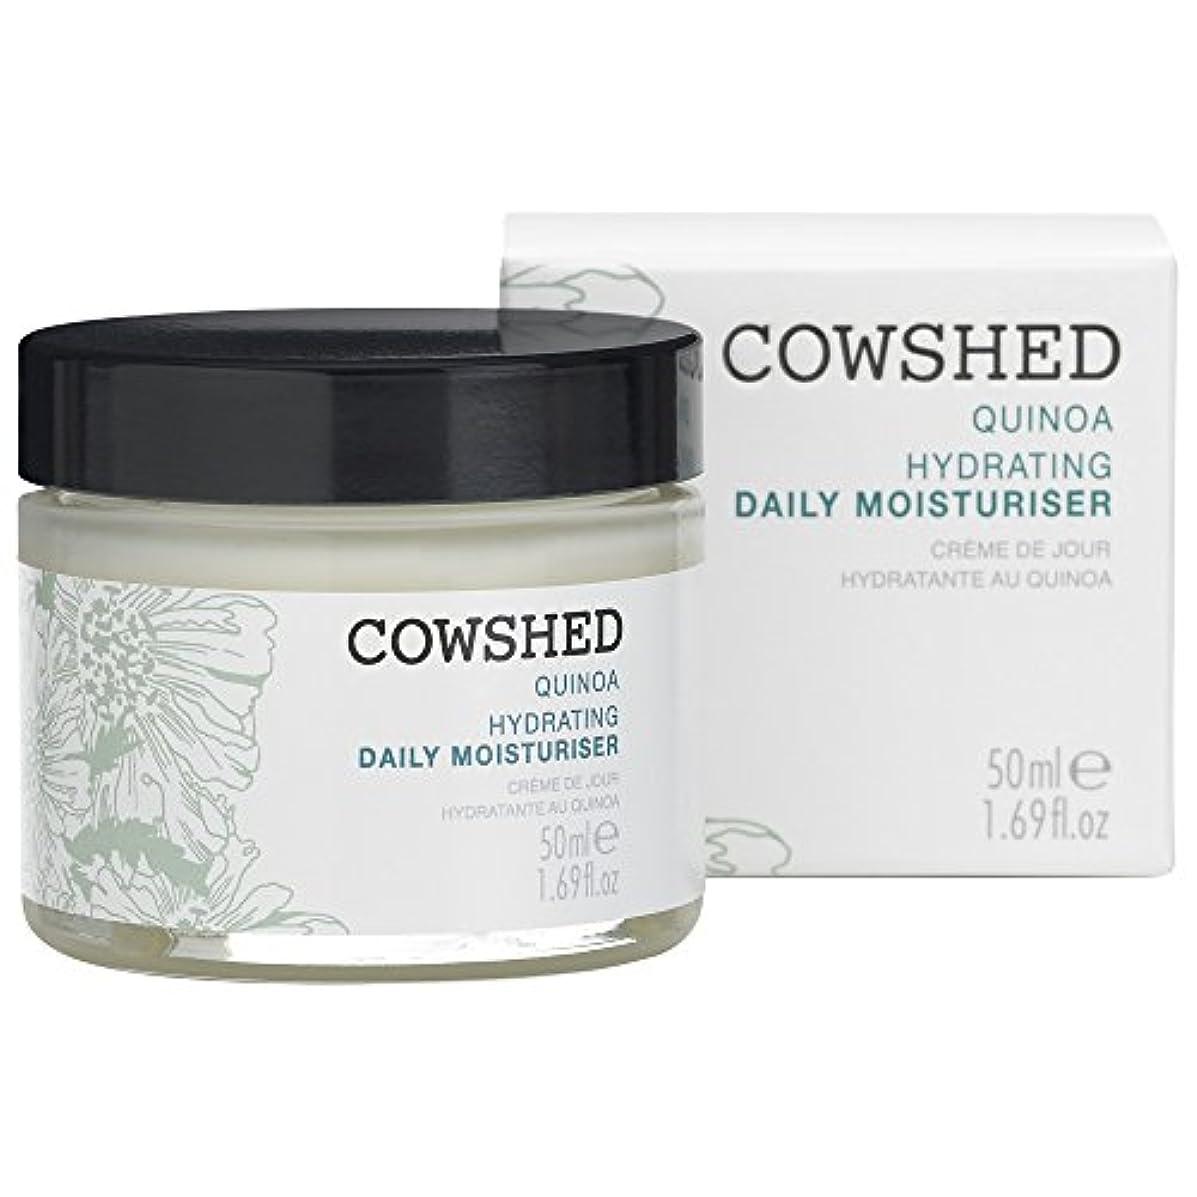 説明部屋を掃除するピジン牛舎キノア水和毎日の保湿クリーム50Ml (Cowshed) - Cowshed Quinoa Hydrating Daily Moisturiser 50ml [並行輸入品]